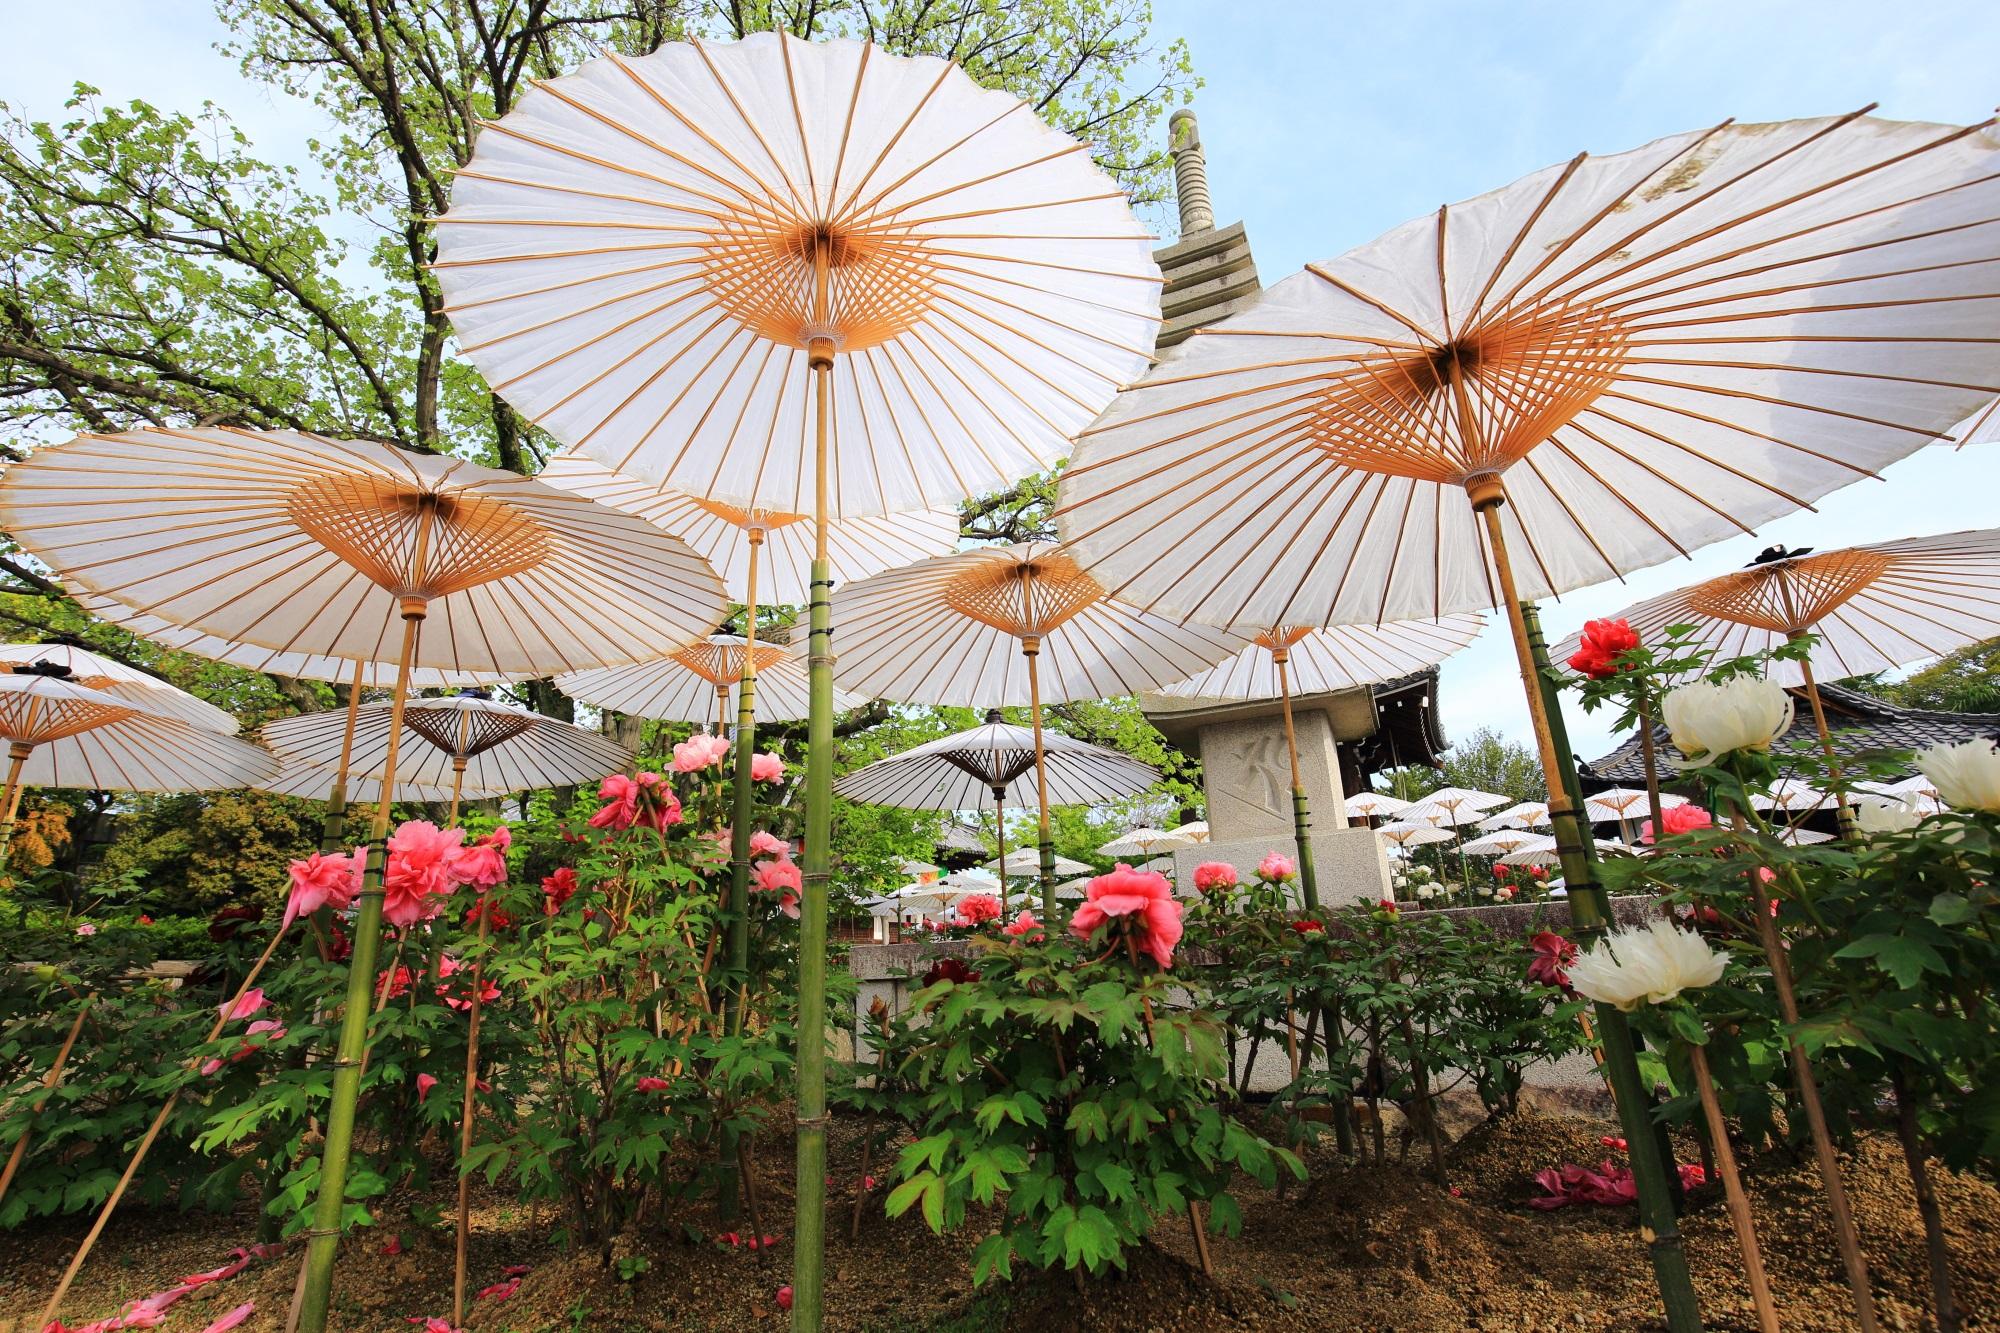 乙訓寺 牡丹 和傘と色とりどりの華やかな牡丹の花